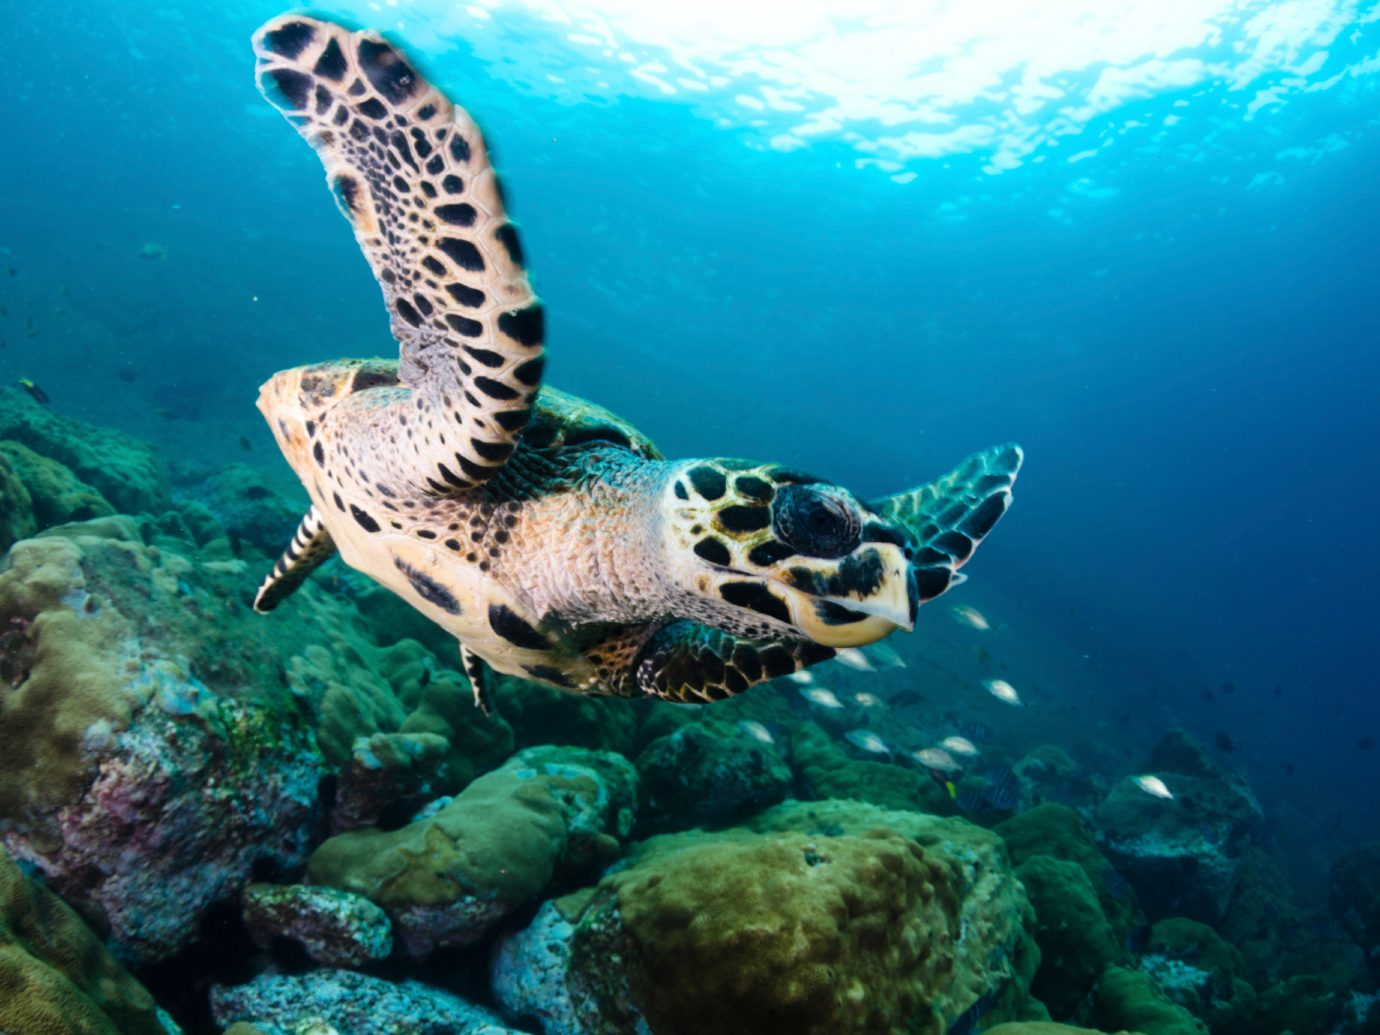 Trip Ideas reptile turtle marine biology underwater reef coral reef sea turtle biology Sea rock Ocean loggerhead diving fish coral reef fish water sport ocean floor